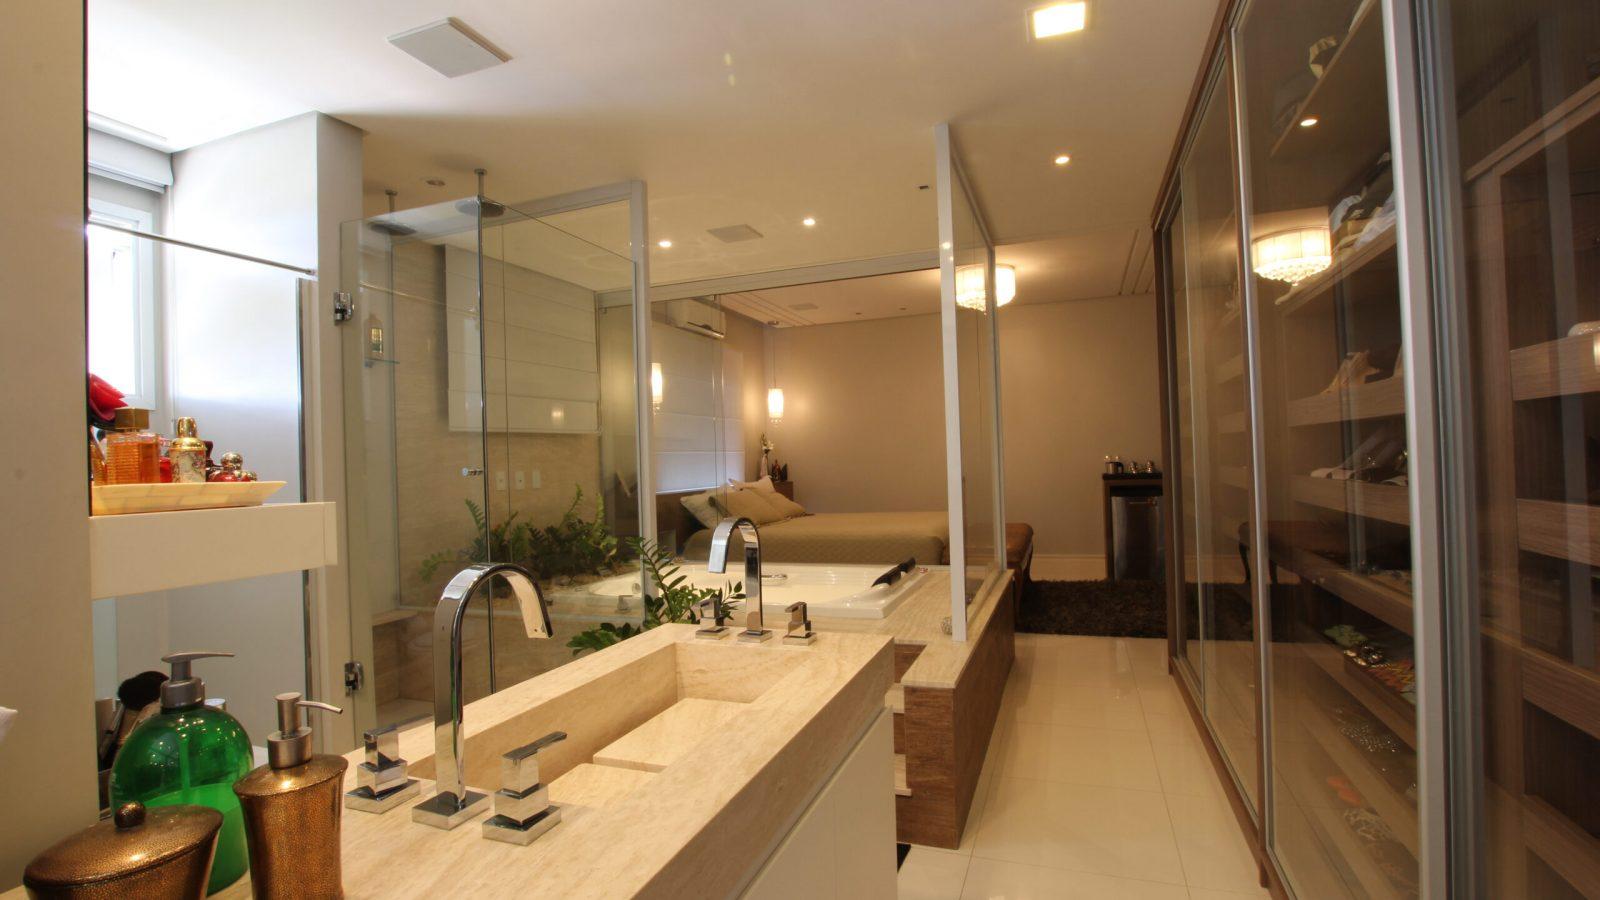 Banheiro com acabamento em madeira, pia e saboneteiras.